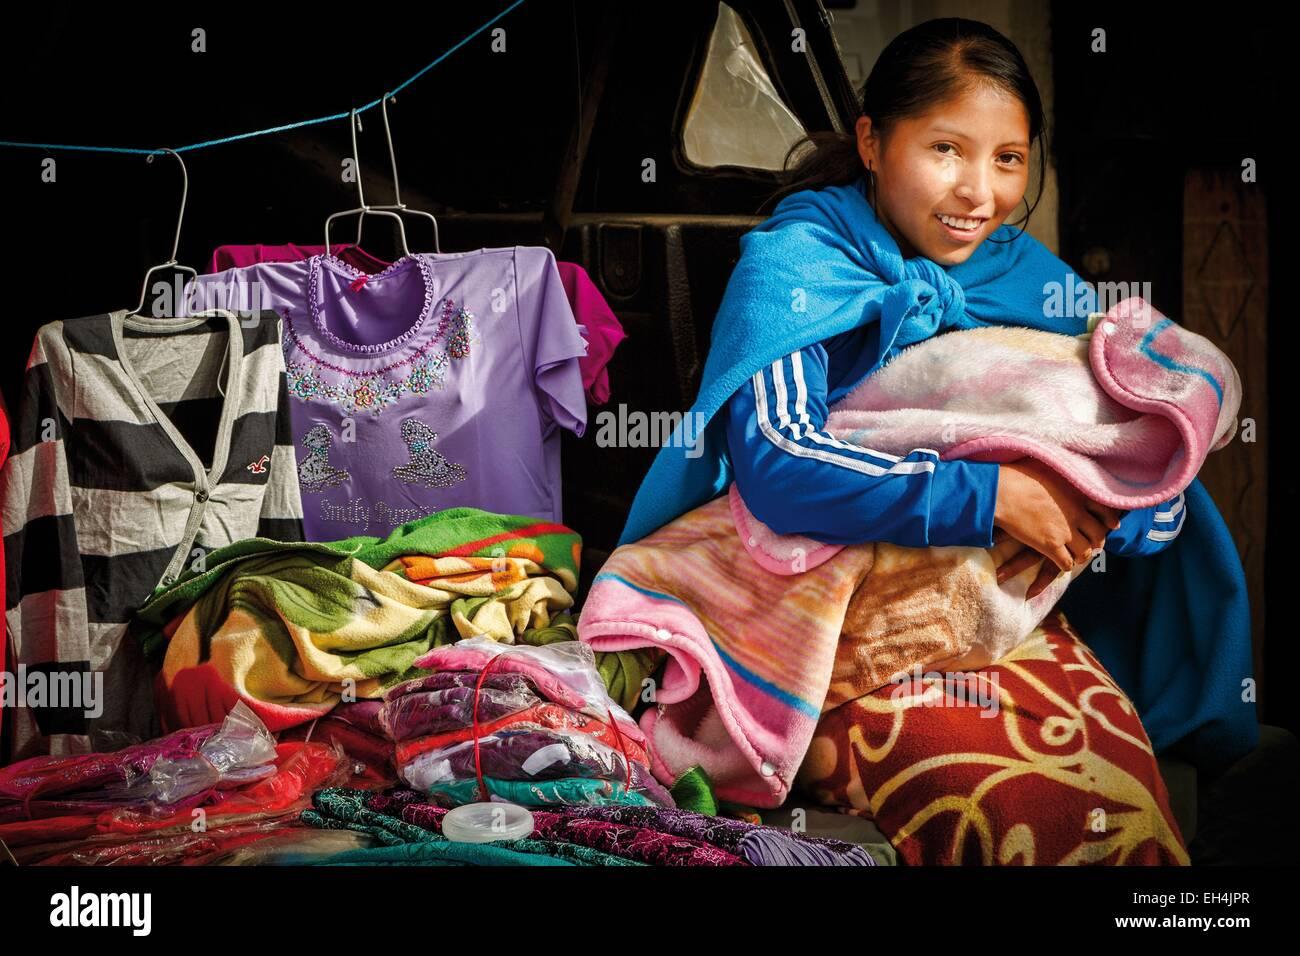 Ecuador, Cotopaxi, Zumbahua, día de la aldea de Zumbahua mercado, retrato de un campesino ecuatoriano mamando a Foto de stock